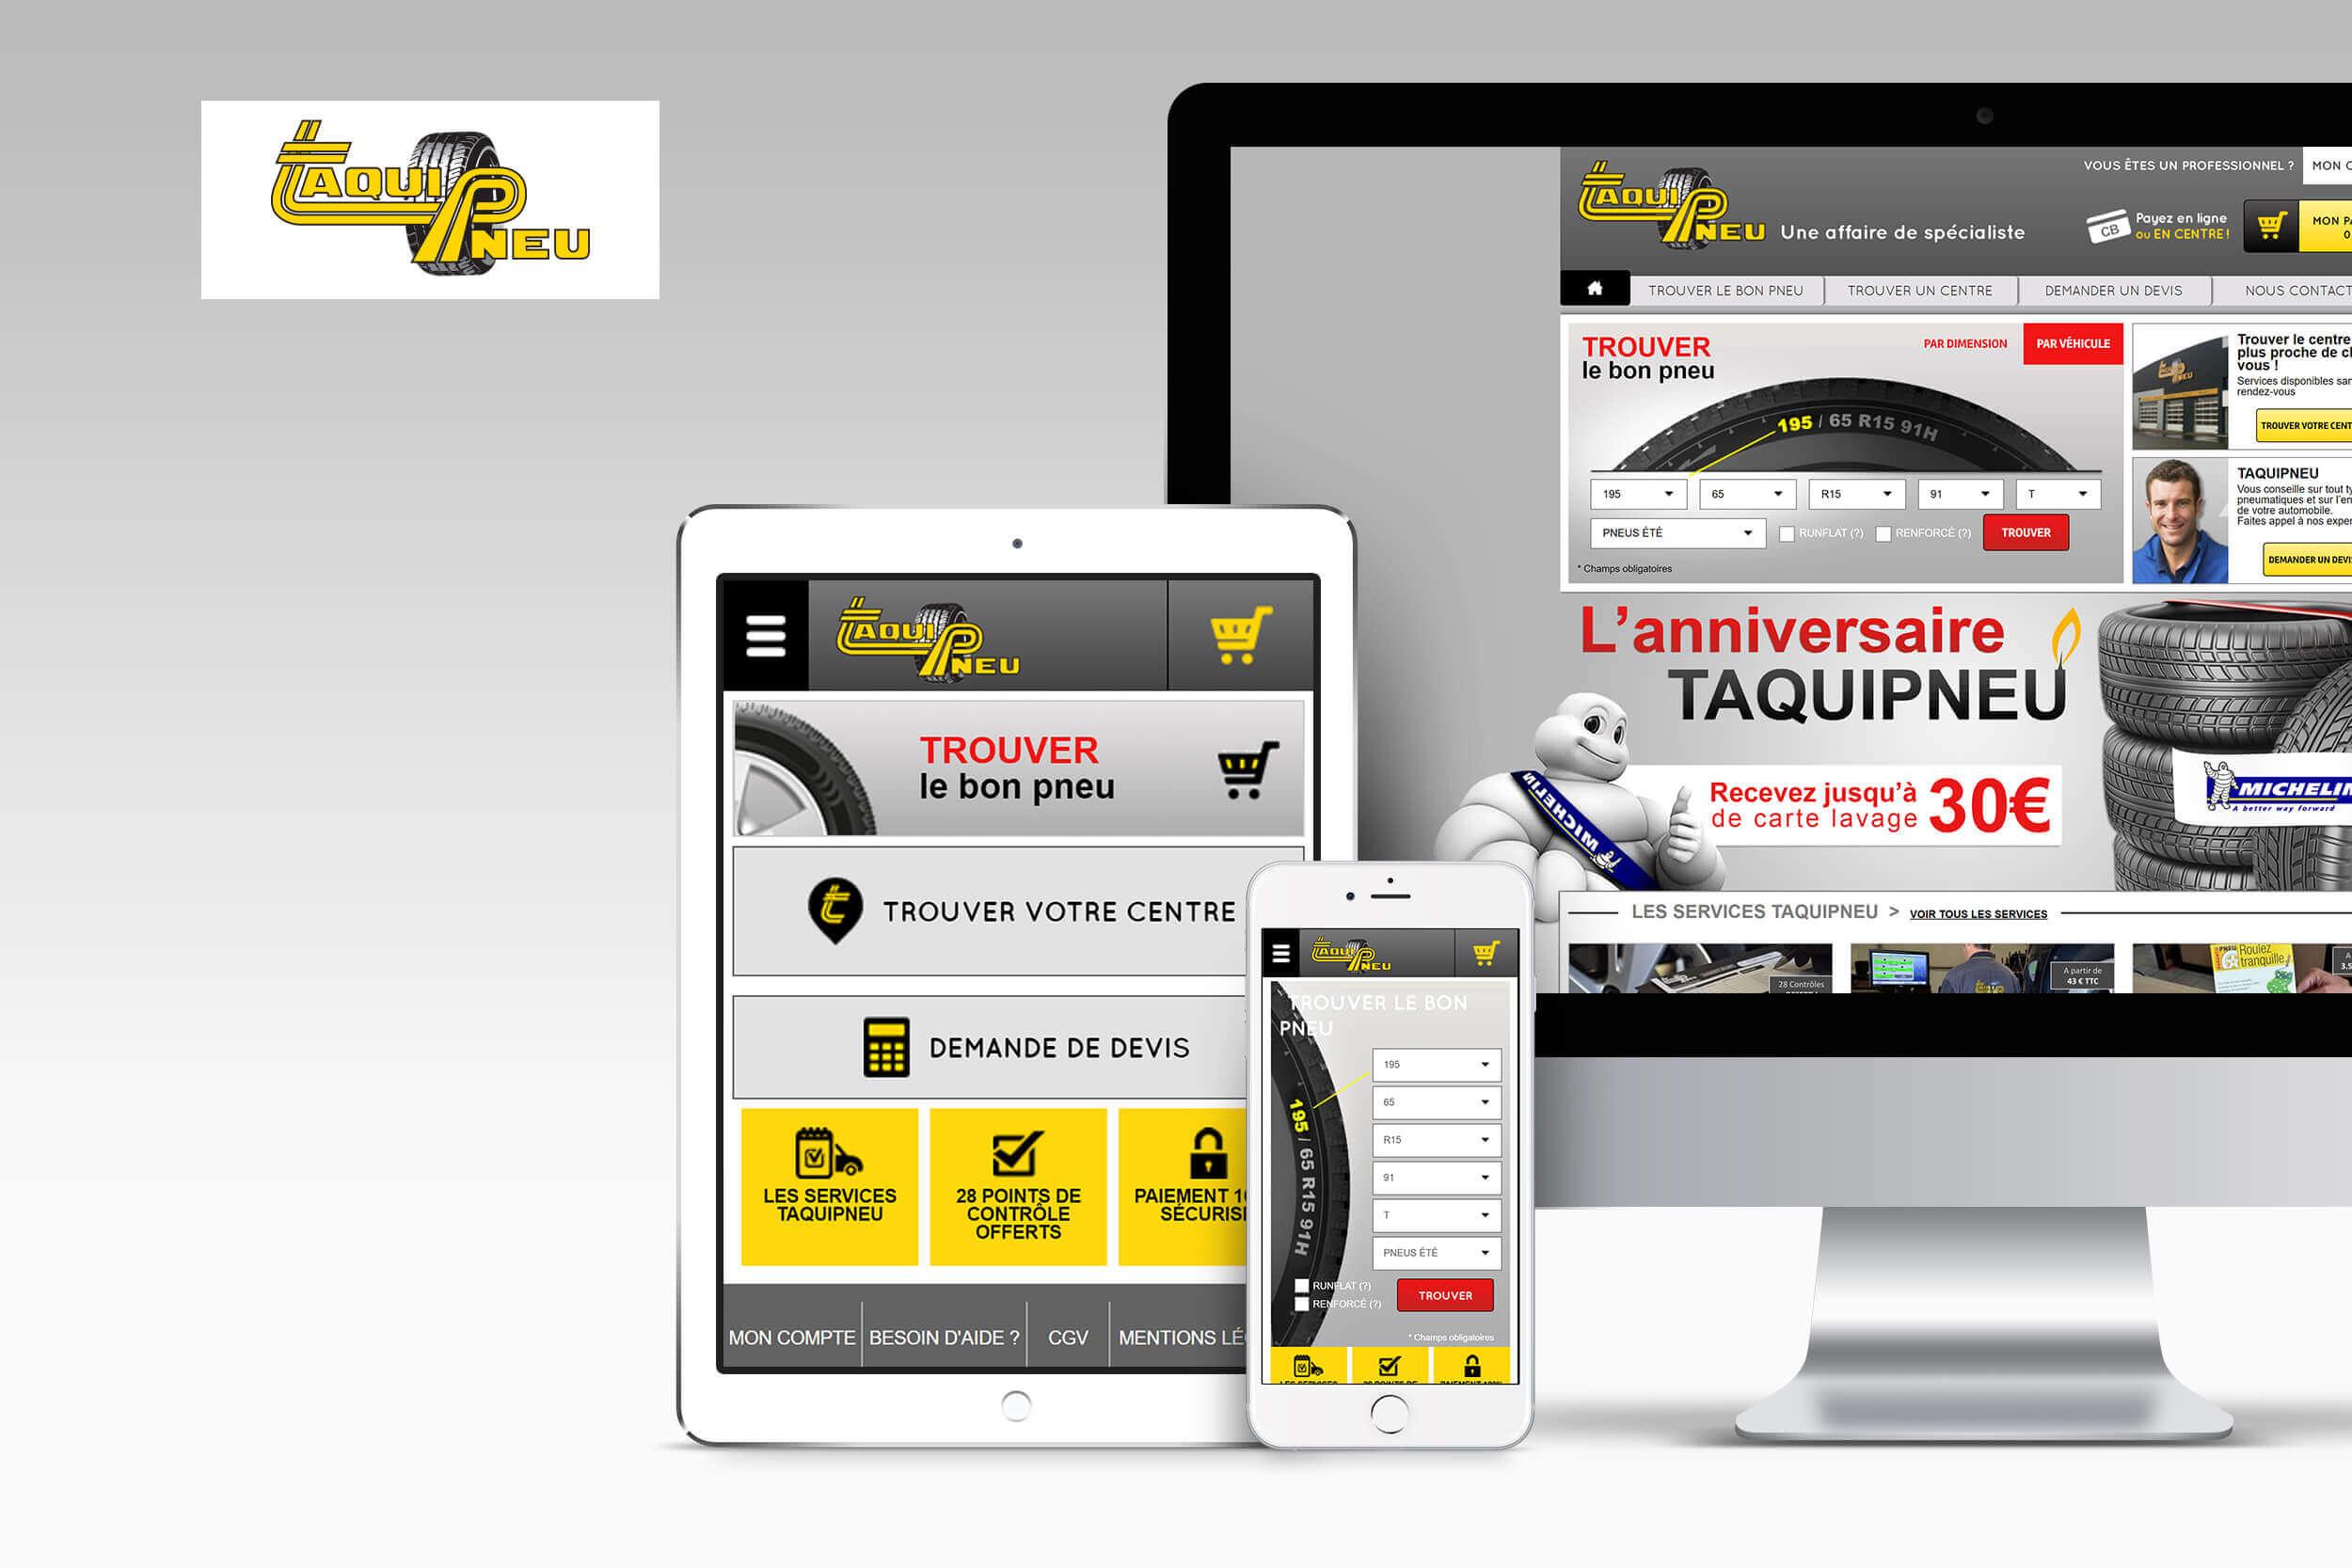 Page d'accueil du site Taqui pneu